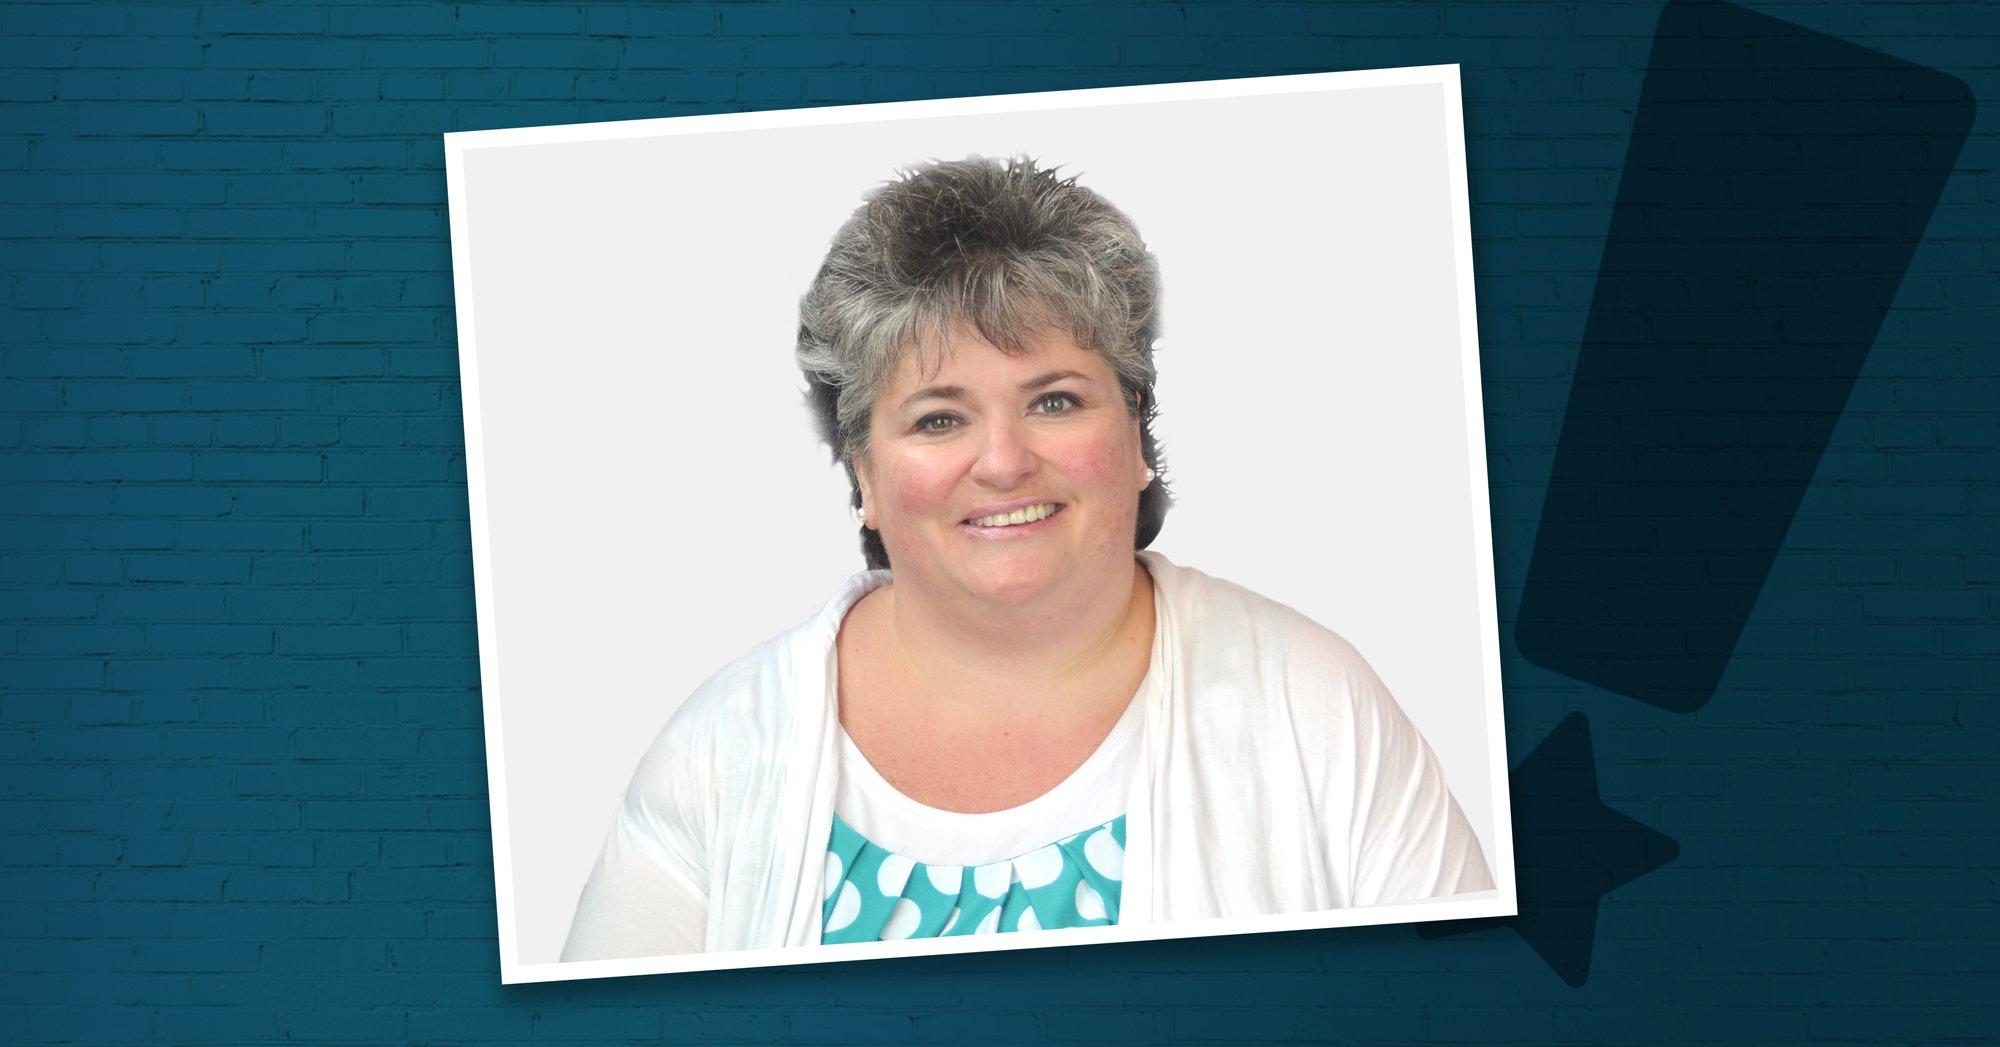 Photo of Jeanette Leavitt, RN, the Ann Baiada Award Winner in 2020